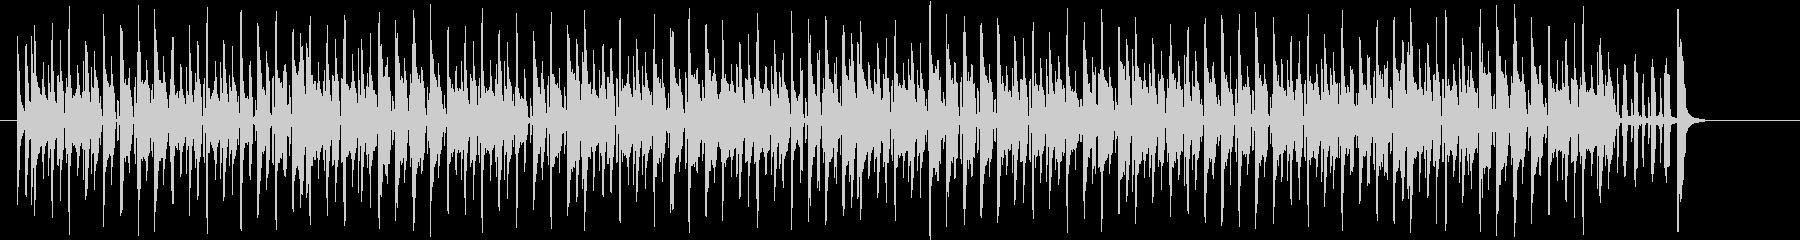 わくわく感のあるシンセサイザーサウンドの未再生の波形